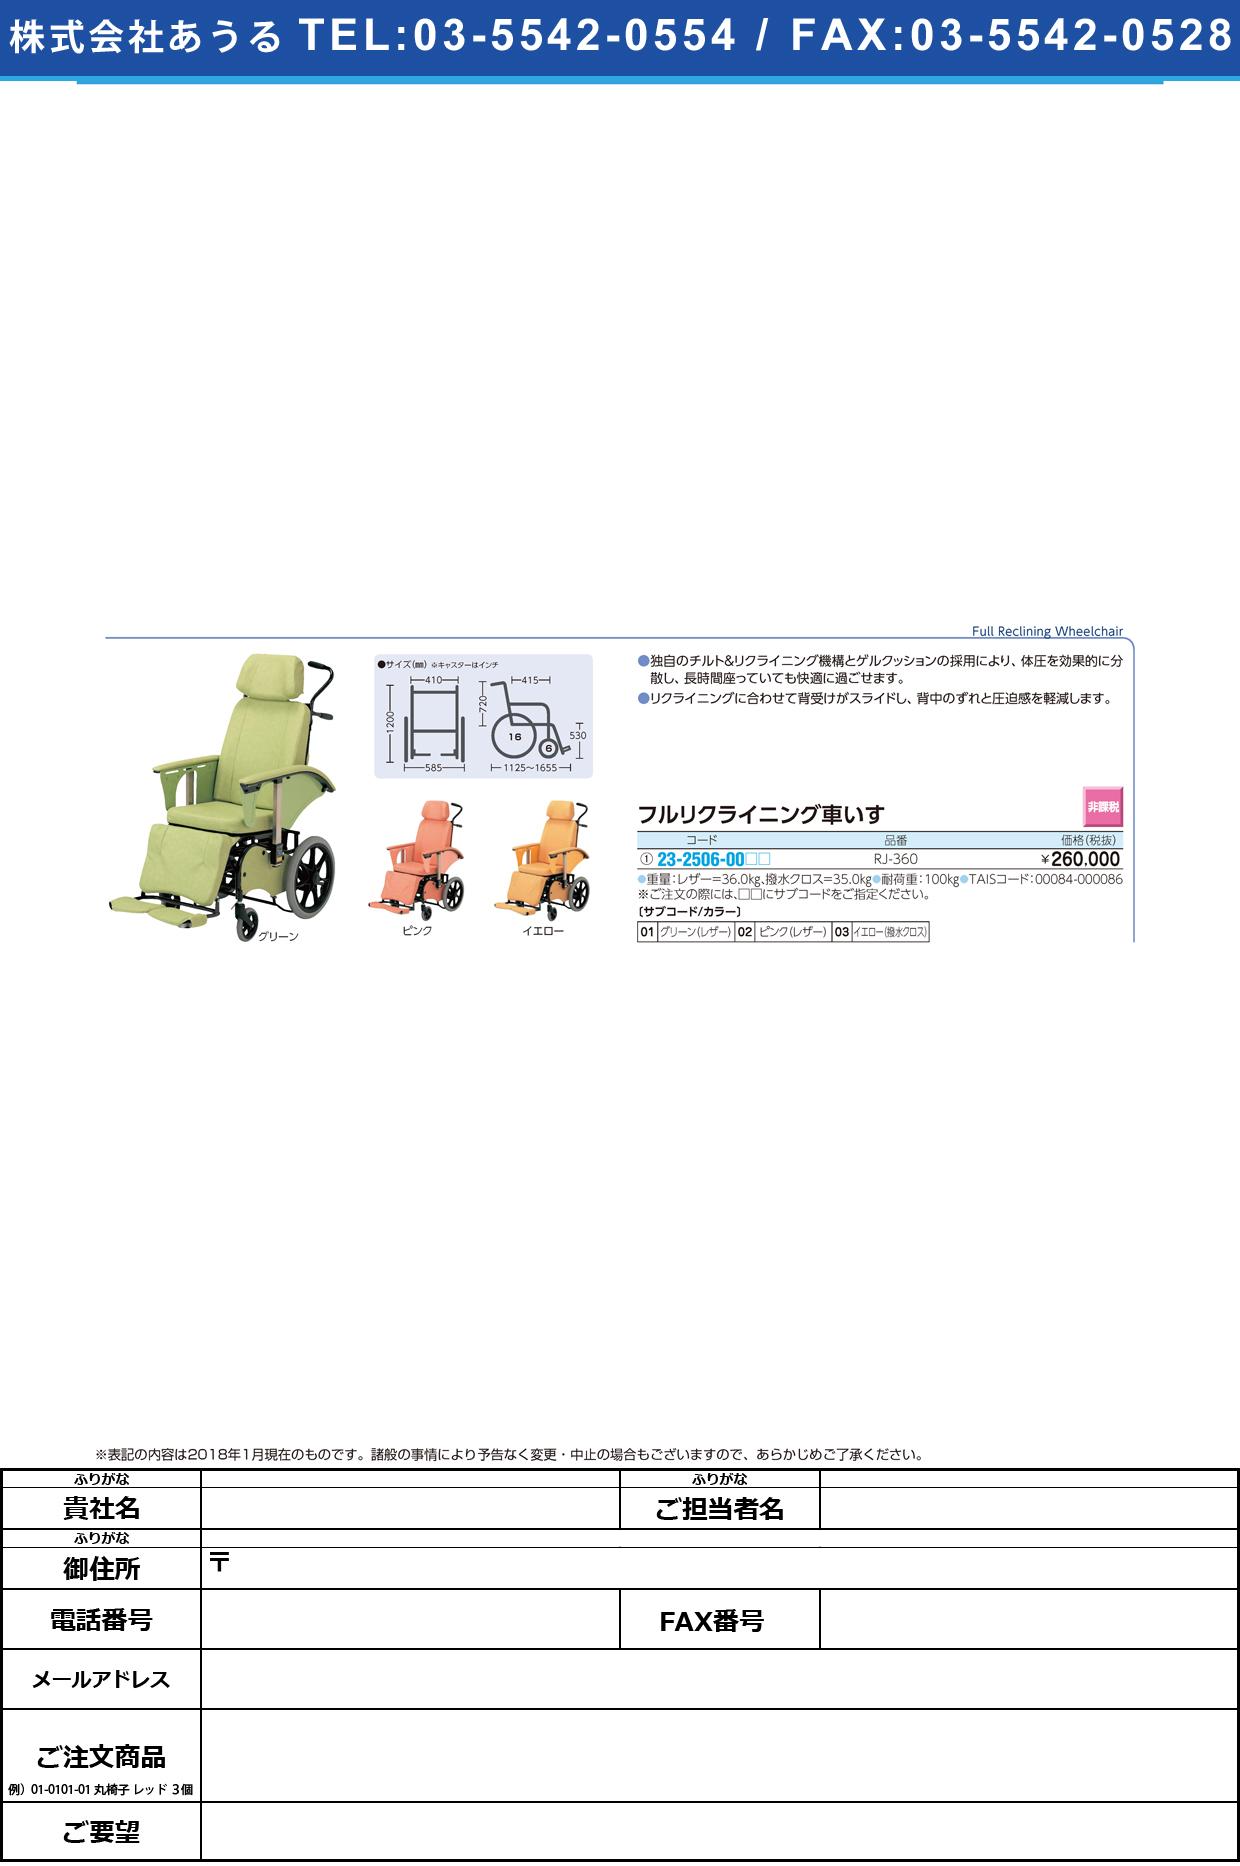 (23-2506-00)フルリクライニング車いす RJ-360 フルリクライニングクルマイス ピンク(レザー)(いうら)【1台単位】【2019年カタログ商品】